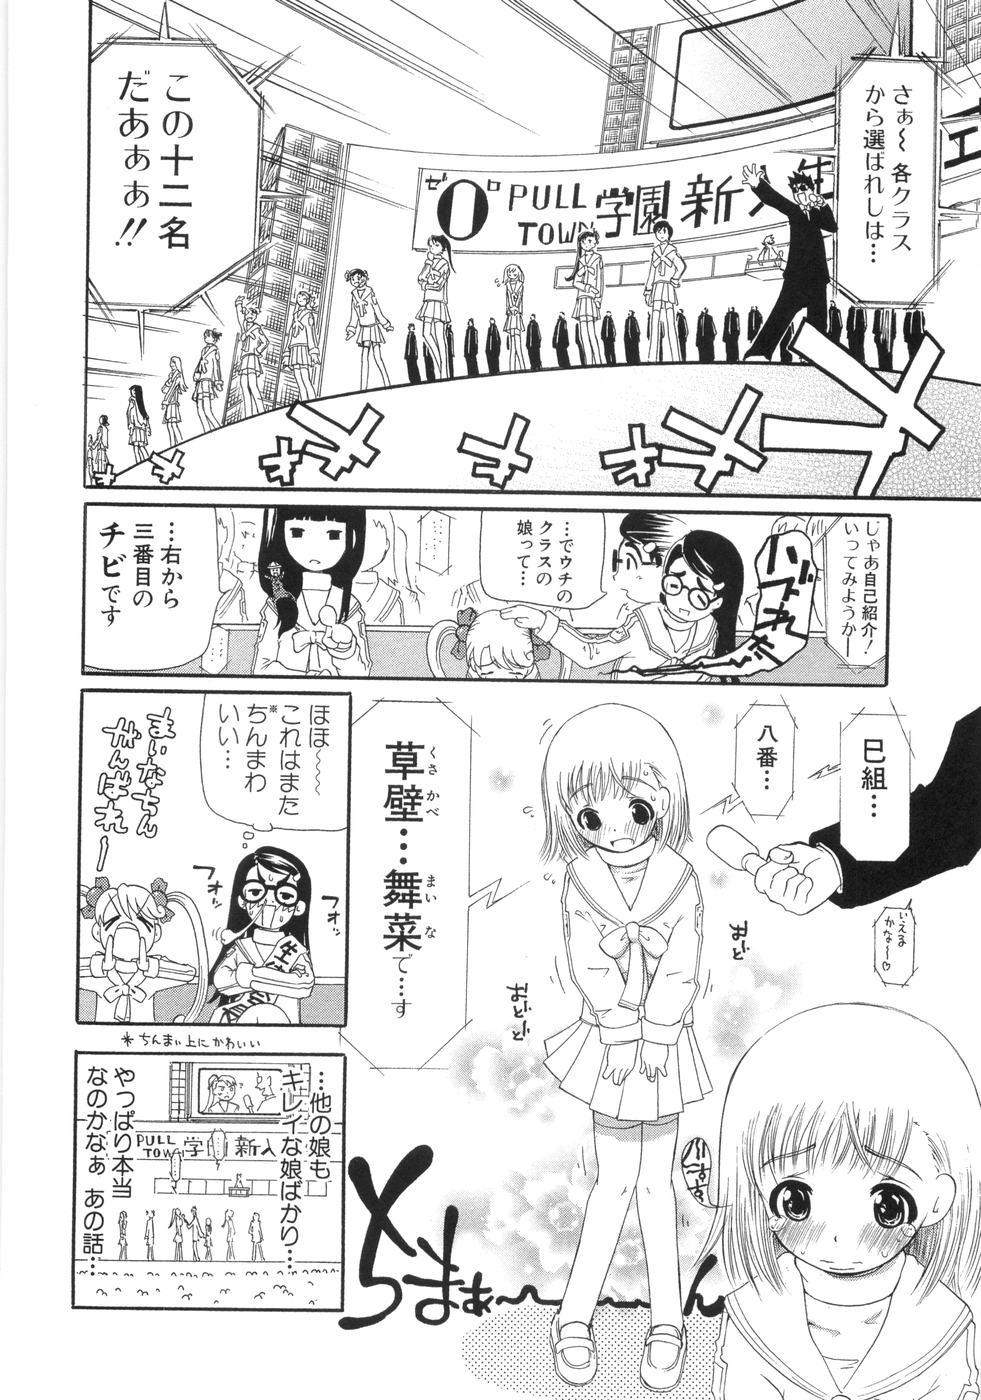 0 PULL TOWN Gakuen e Youkoso! 18